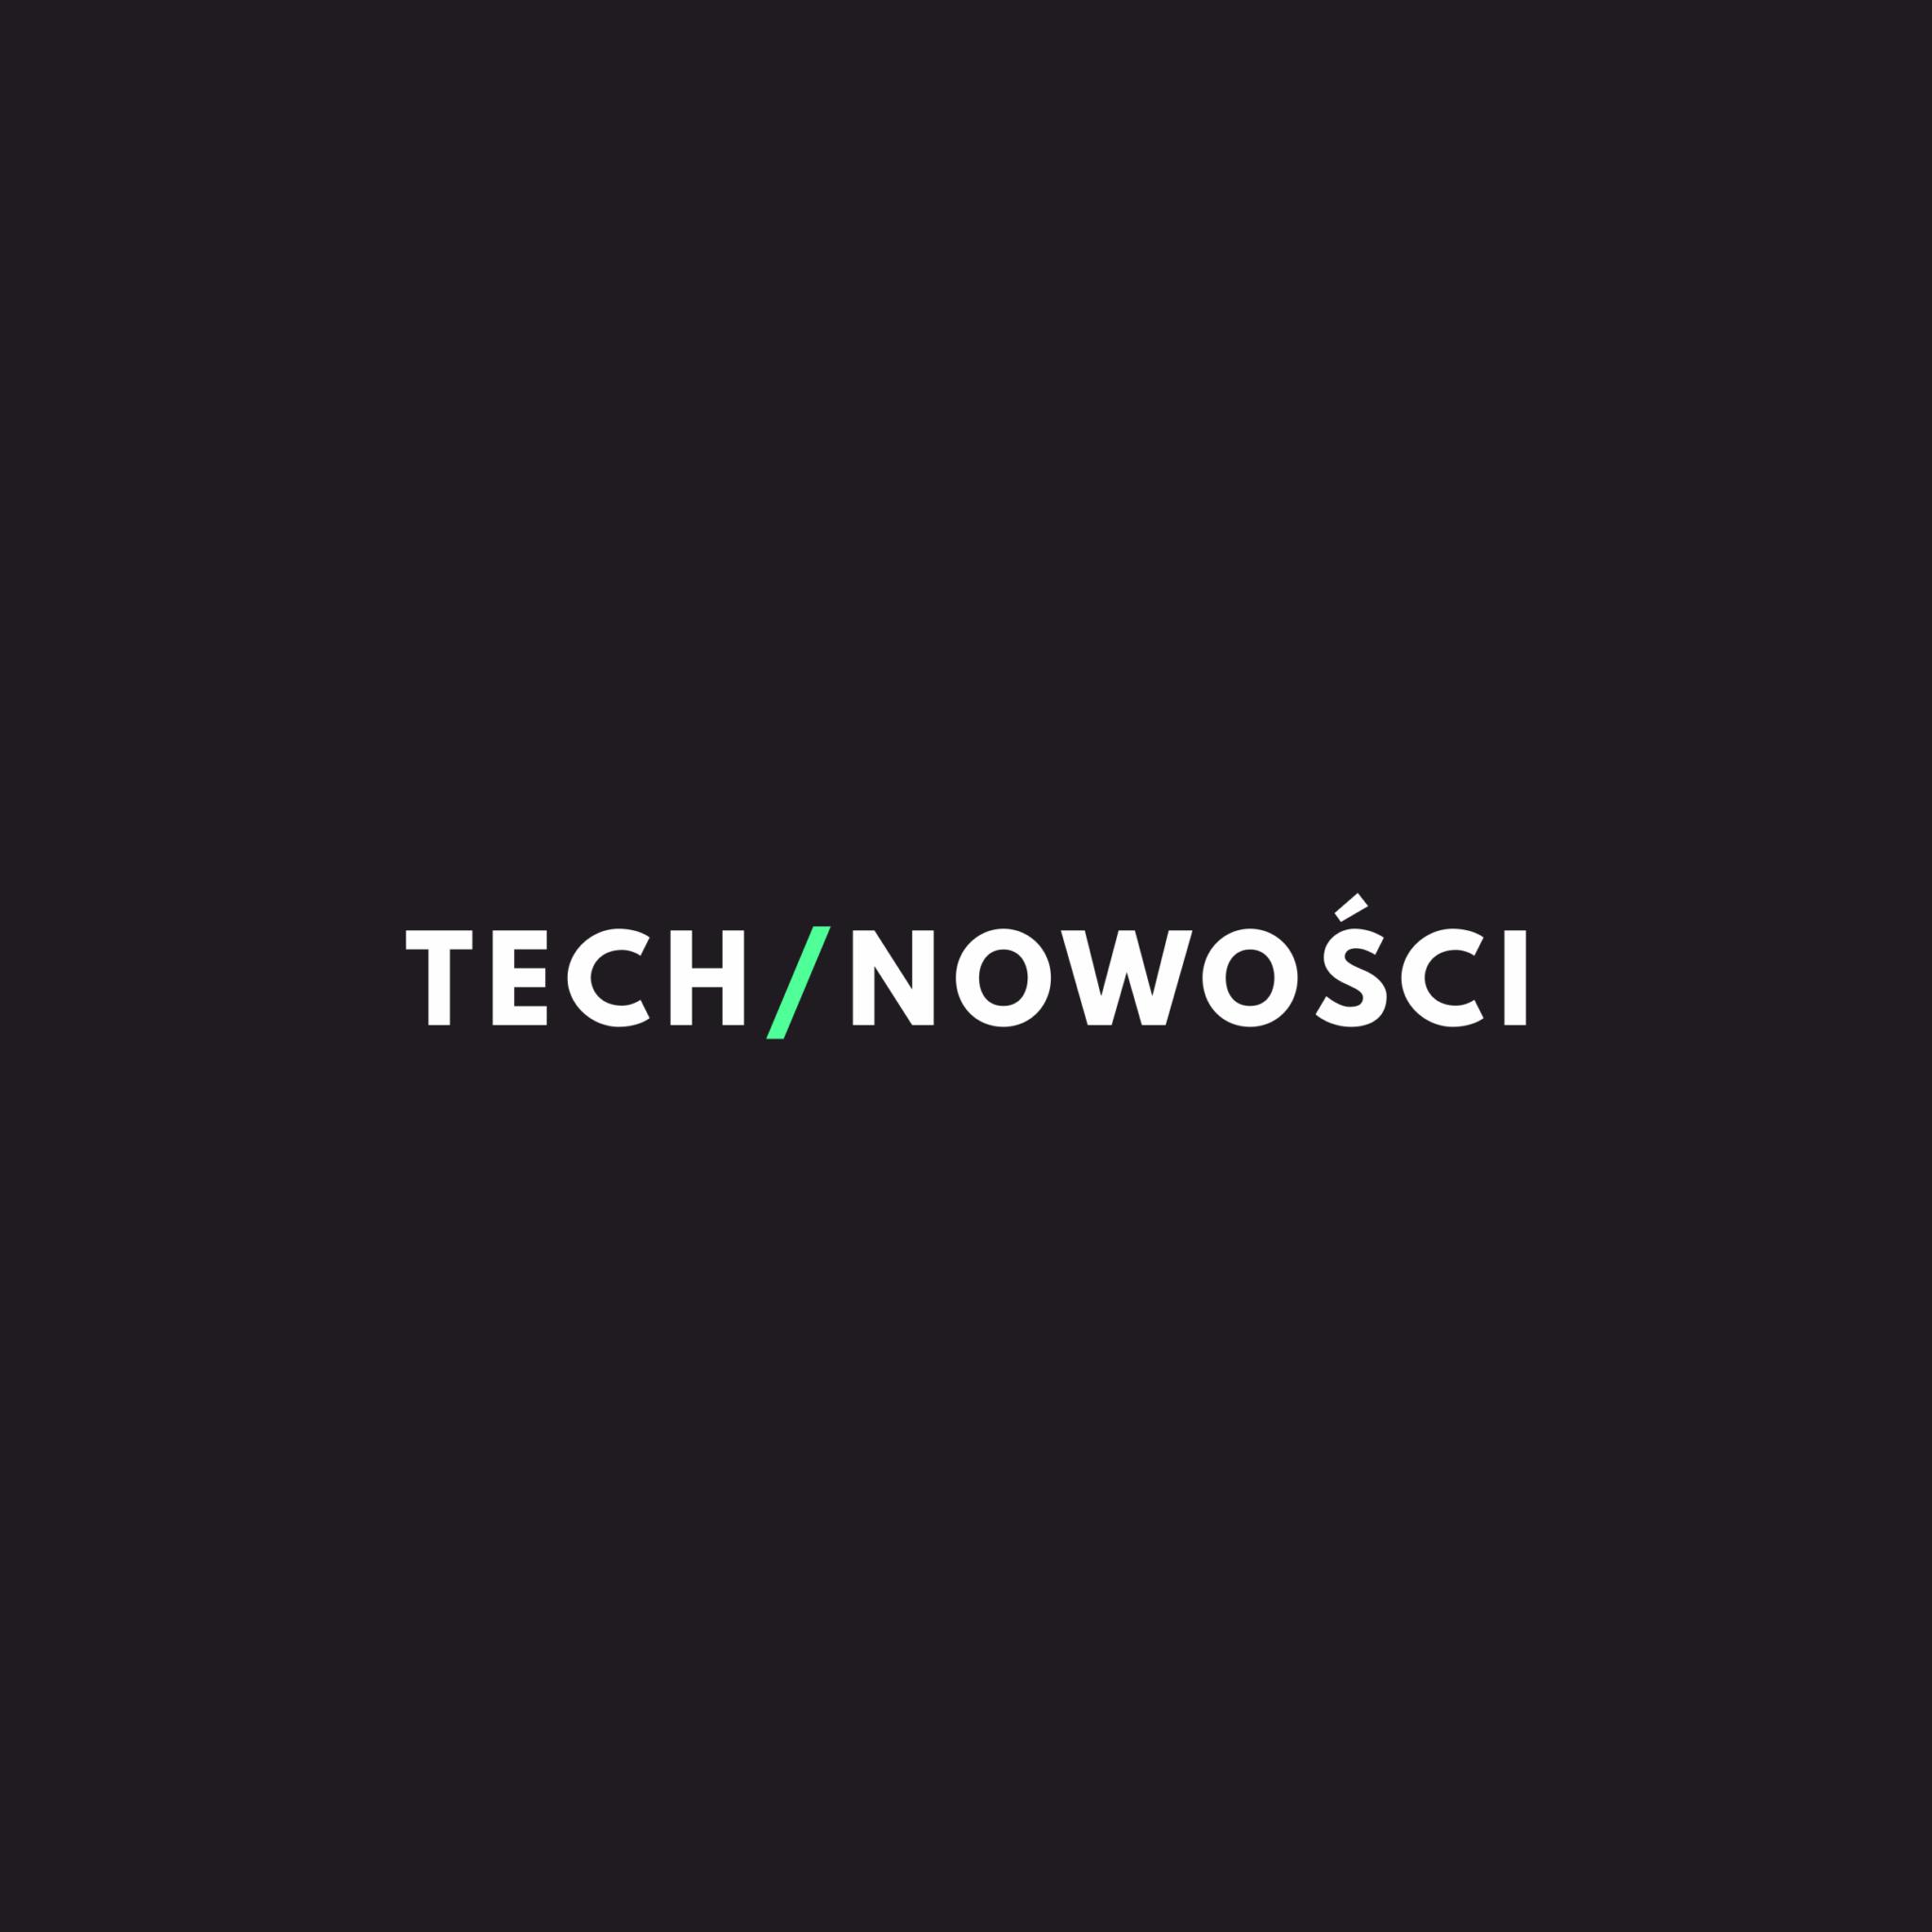 portfolio/033/115733/logo_TECHNOWOŚCI_PNG_1x1_na_czarnym_tle-1-2048x2048.png